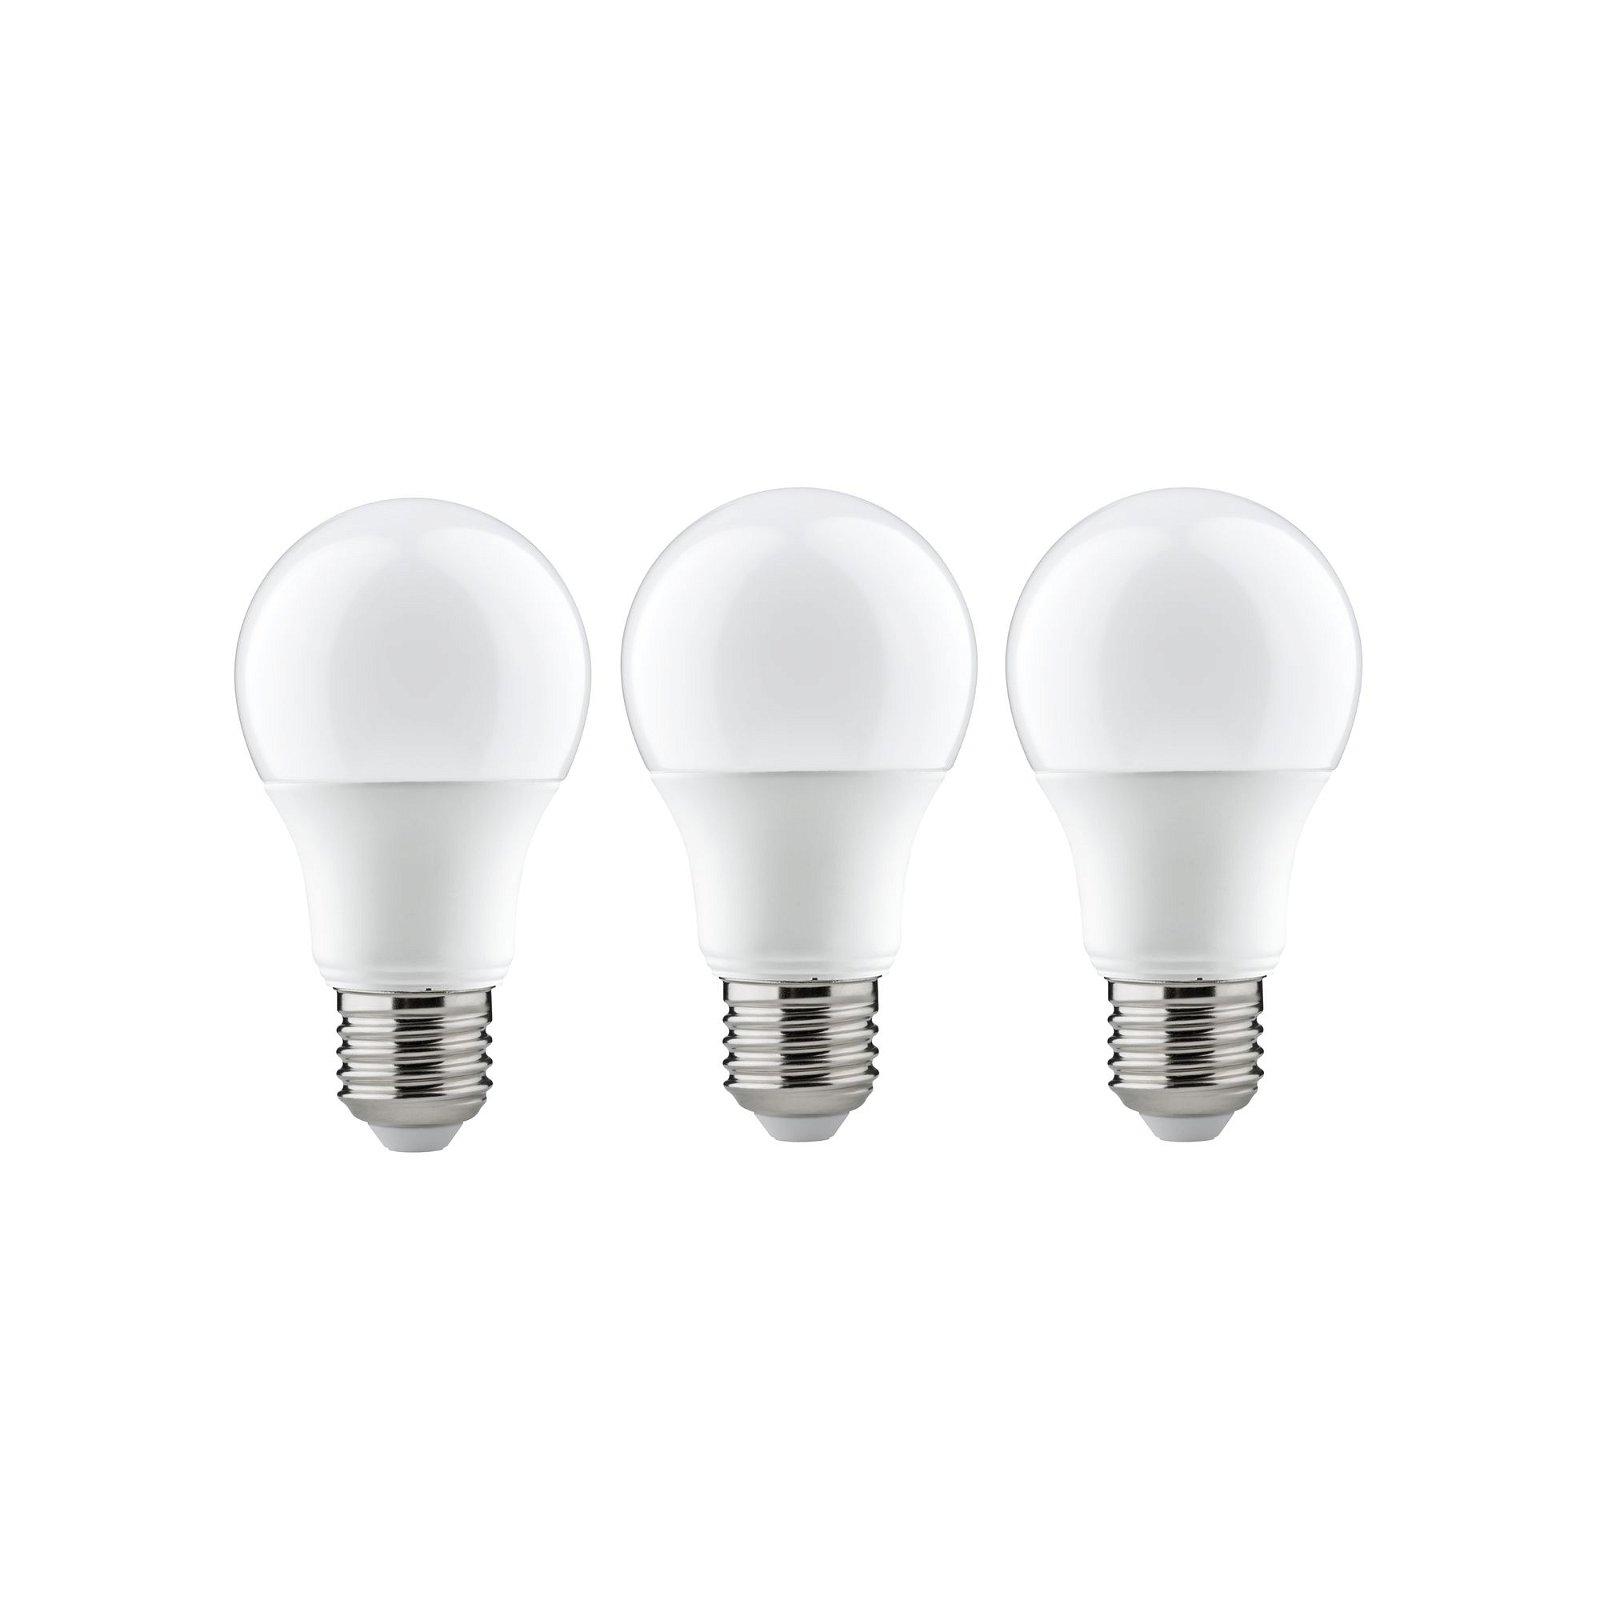 LED Standardleuchtmittel 9V in Markenqualität von Paulmann